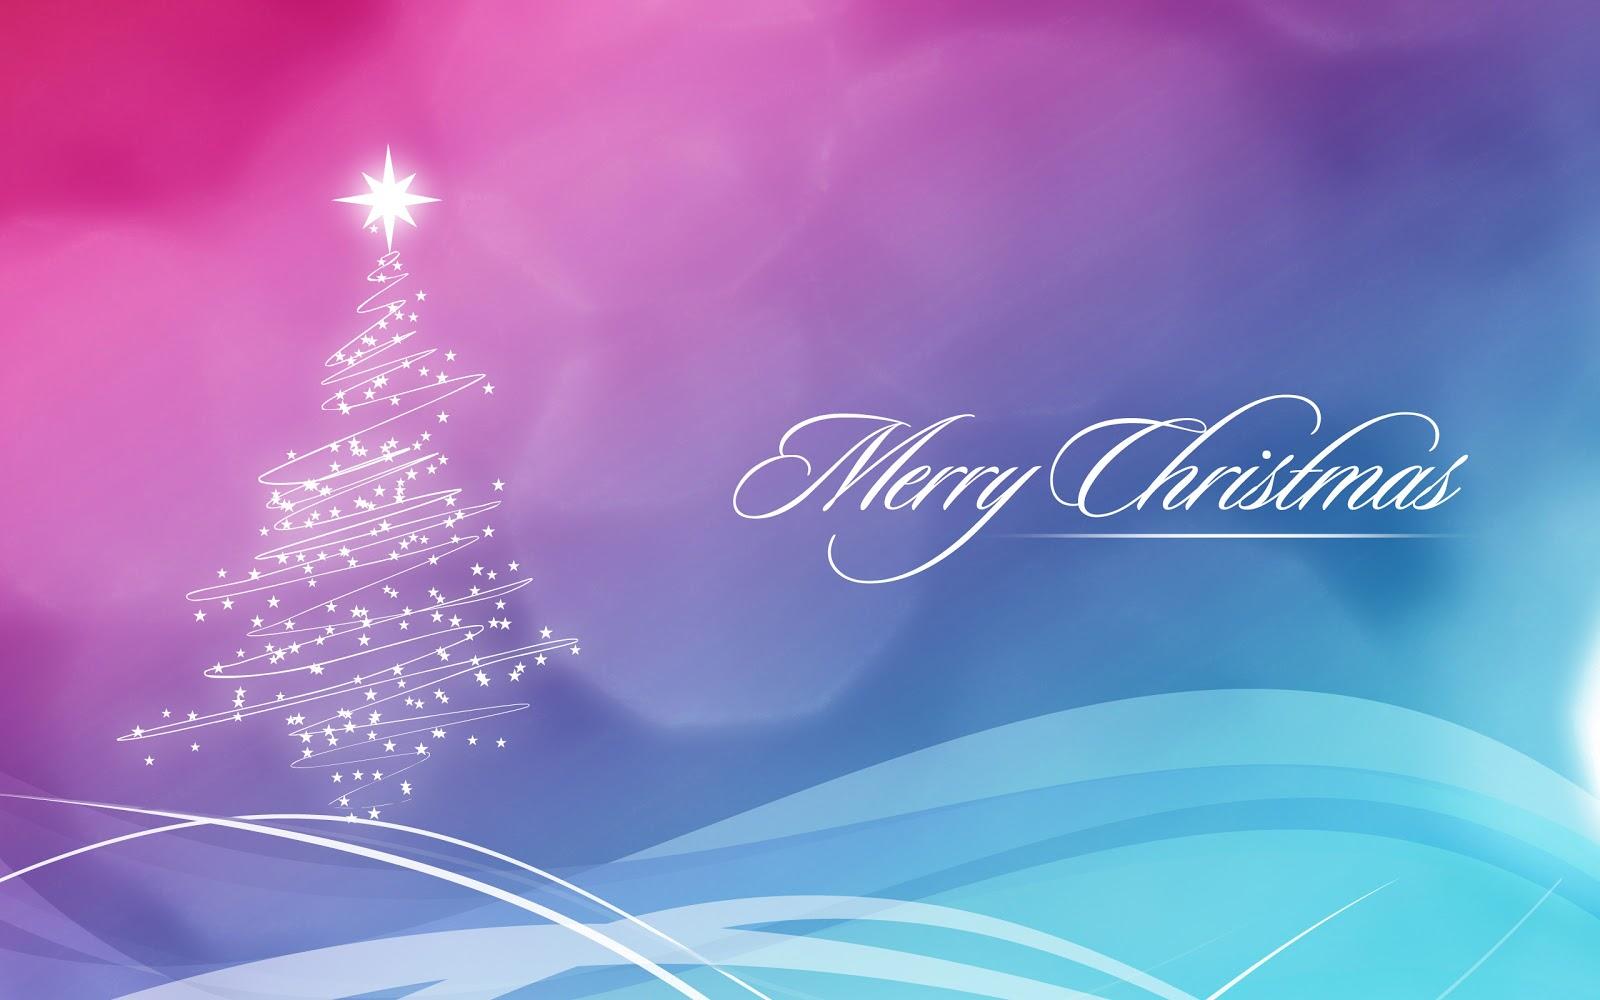 http://4.bp.blogspot.com/-k0zjoLteFM4/ULcsDuJms4I/AAAAAAAACo0/z2cuDHvlsB8/s1600/Christmas+wallpaper+2560x1600+001.jpg